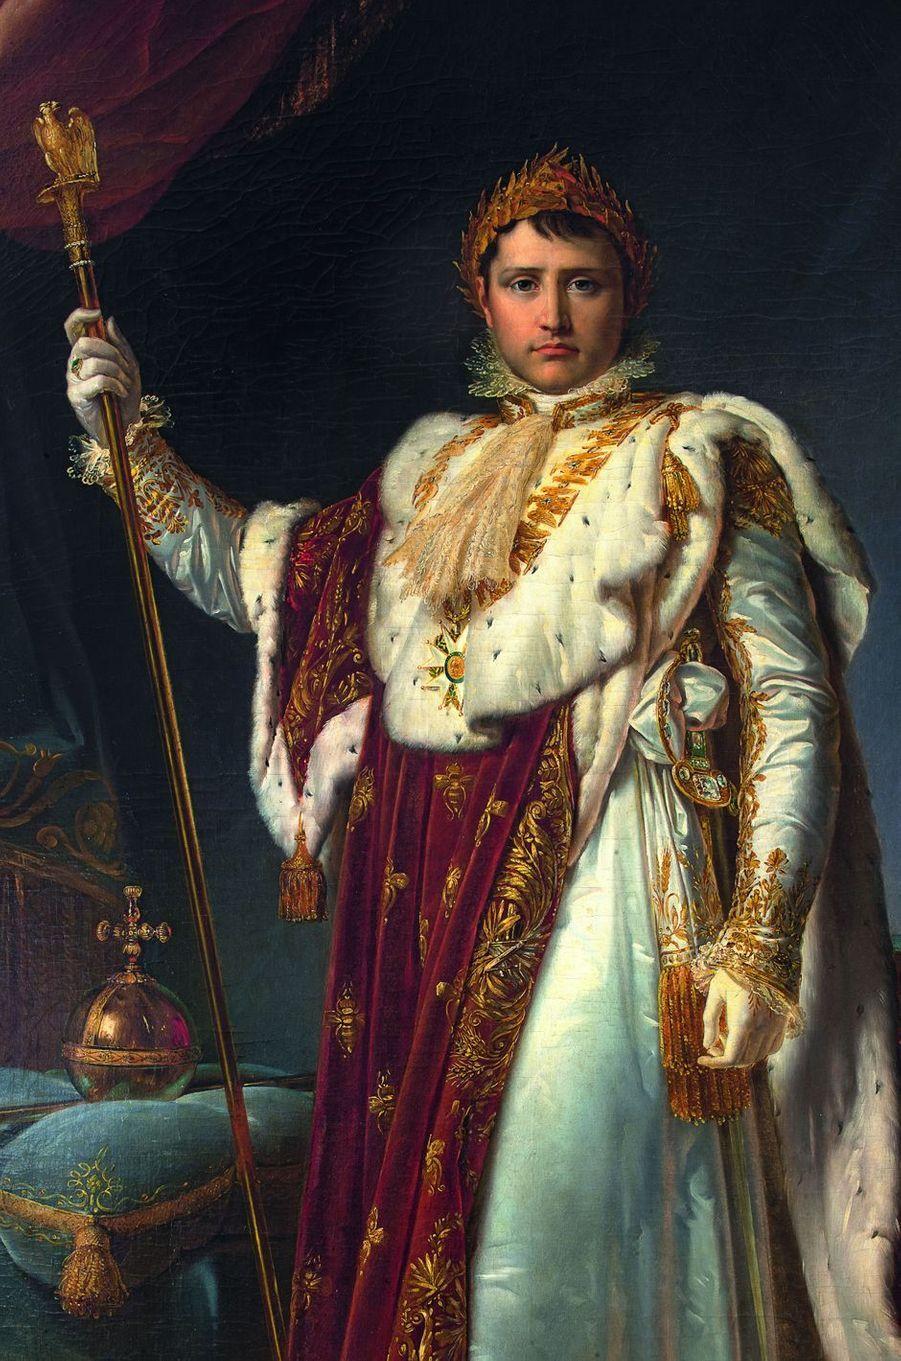 Détail du portrait de l'Empereur en costume de sacre, atelier de Gérard. Musée Napoléon Ier au château de Fontainebleau